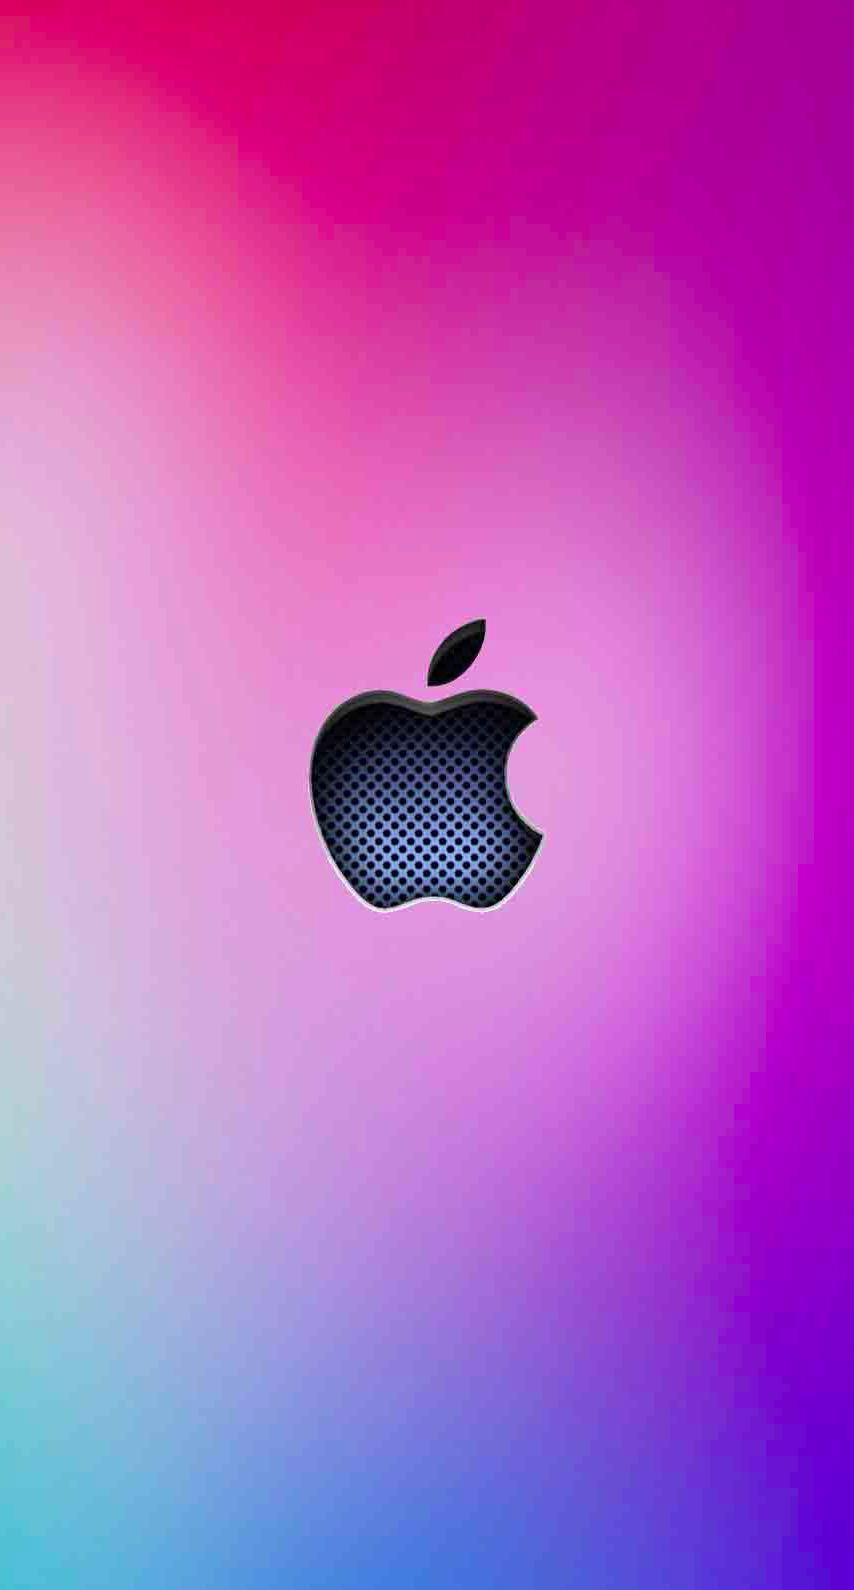 Logo Wallpaper Sc Iphone7 Apple Keren Biru Gin Ungu Gambar